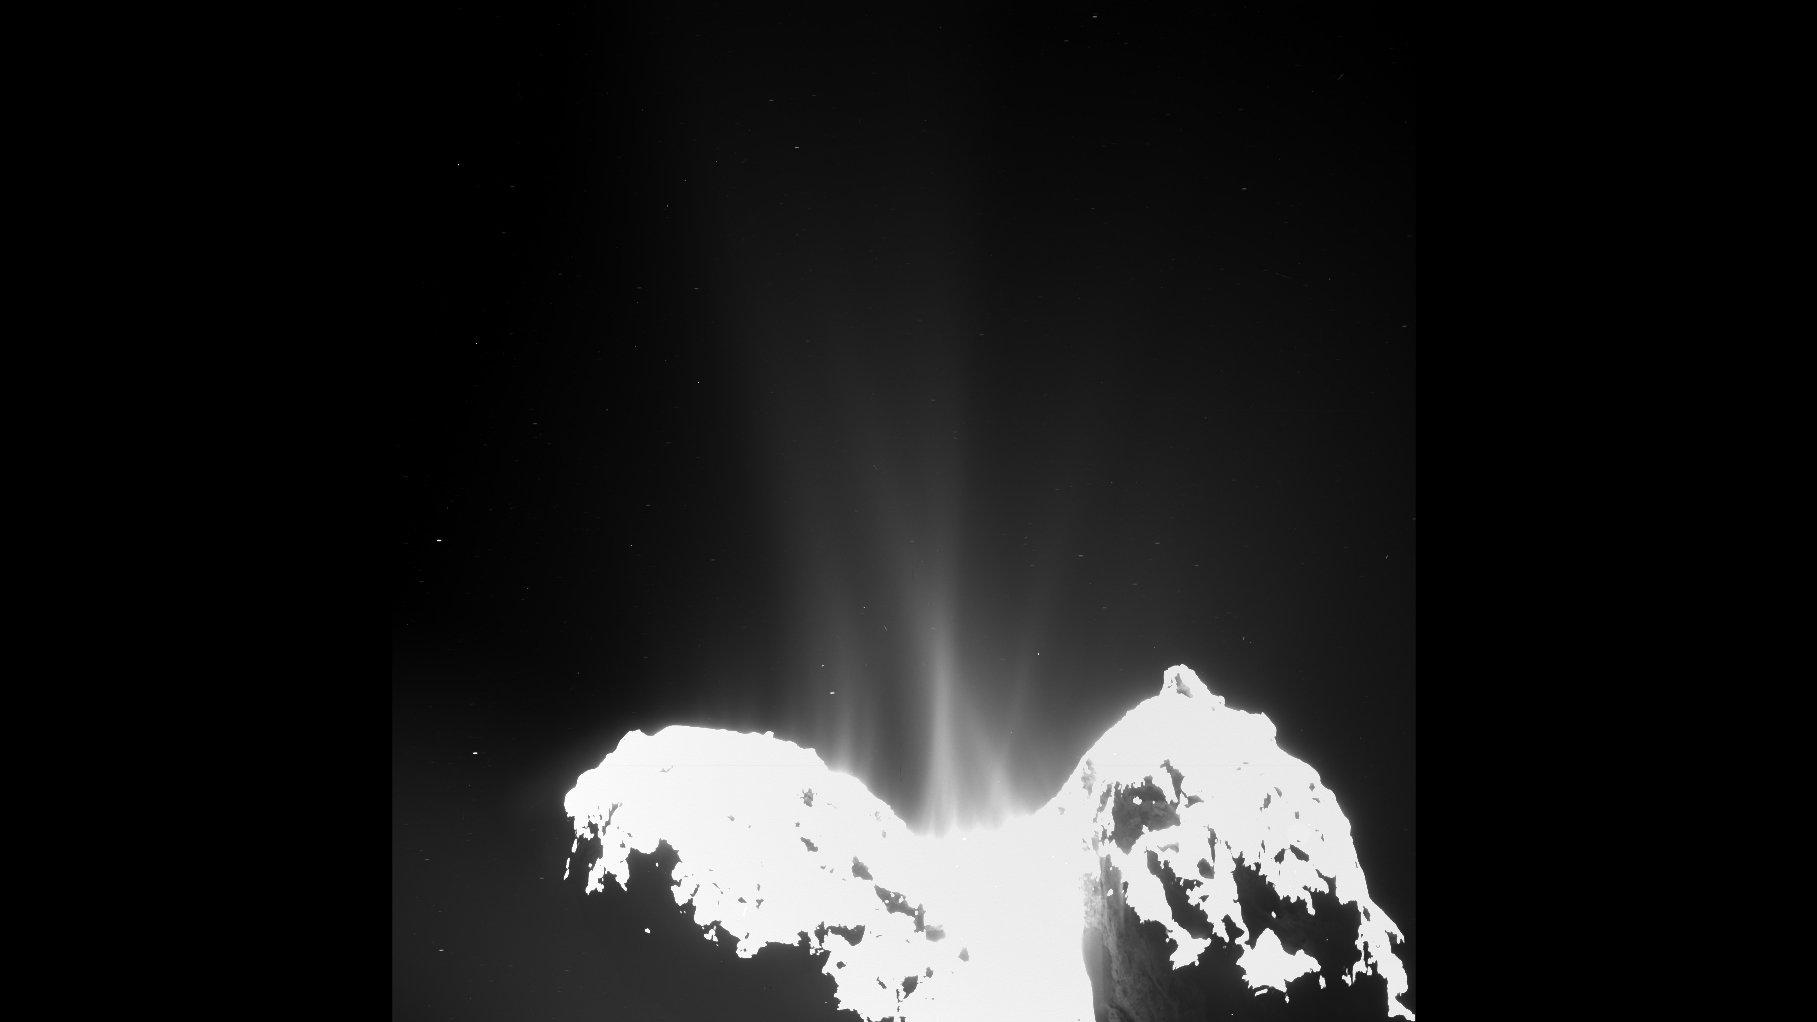 Gasströme auf dem Kometen Tschuri:Die Aufnahme der OSIRIS-Kamera vom 10. September 2014 zeigt, dass nahezu der gesamte Kometenkörper aktiv ist – die Gasströme reißen Gasströme mit ins All. Um den Staub sichtbar zu machen, mussten die Wissenschaftler die Aufnahme drastisch überbelichten.